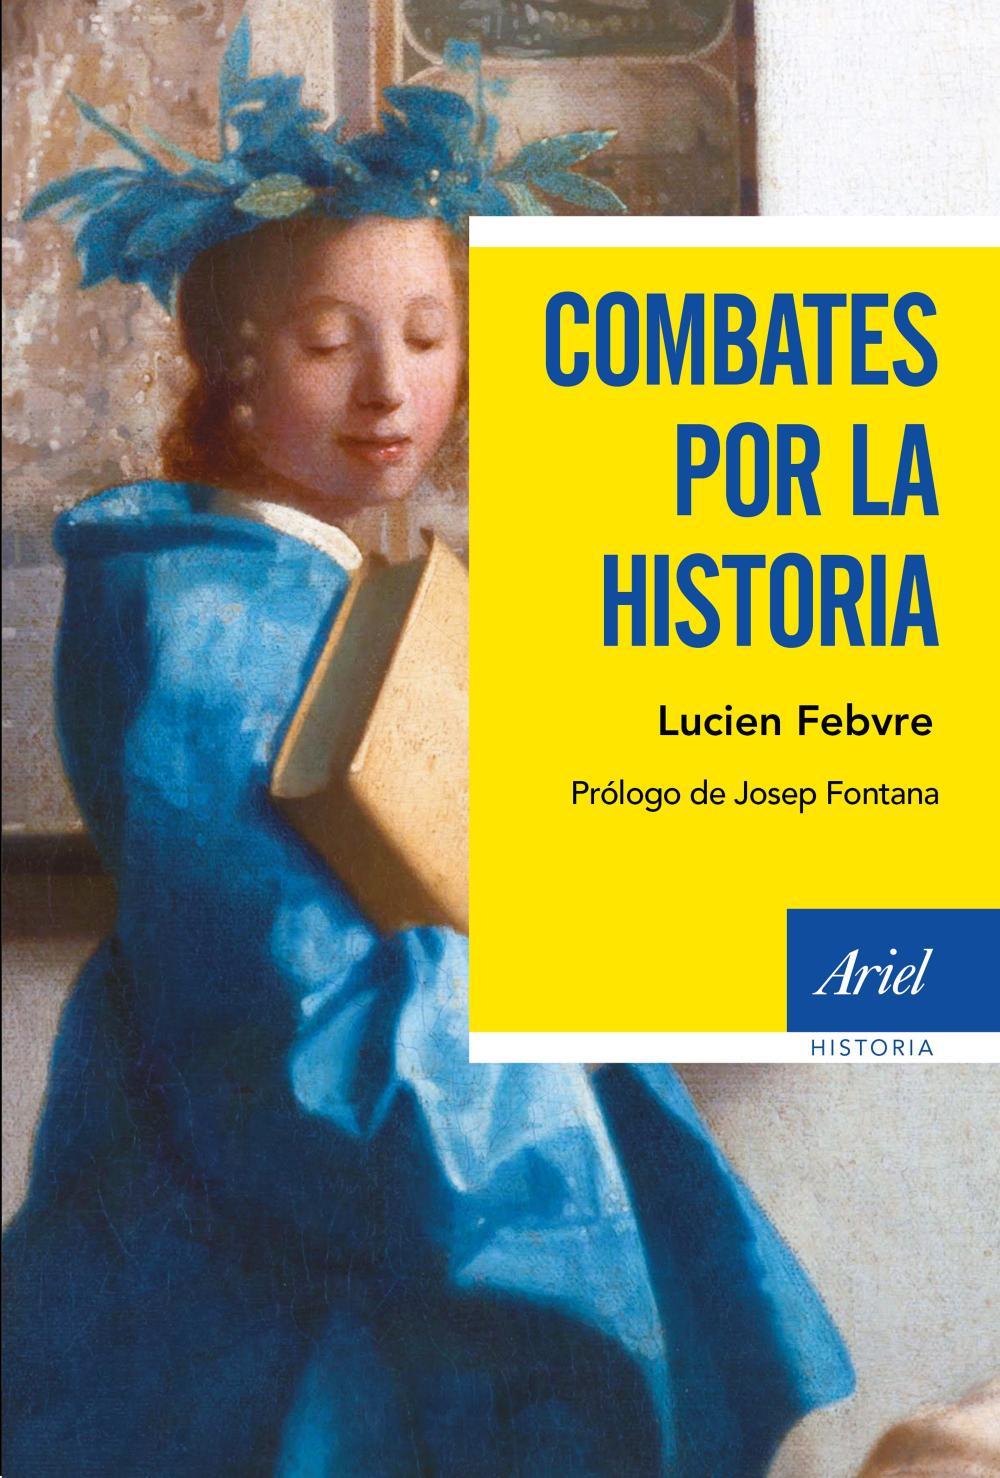 Combates por la historia